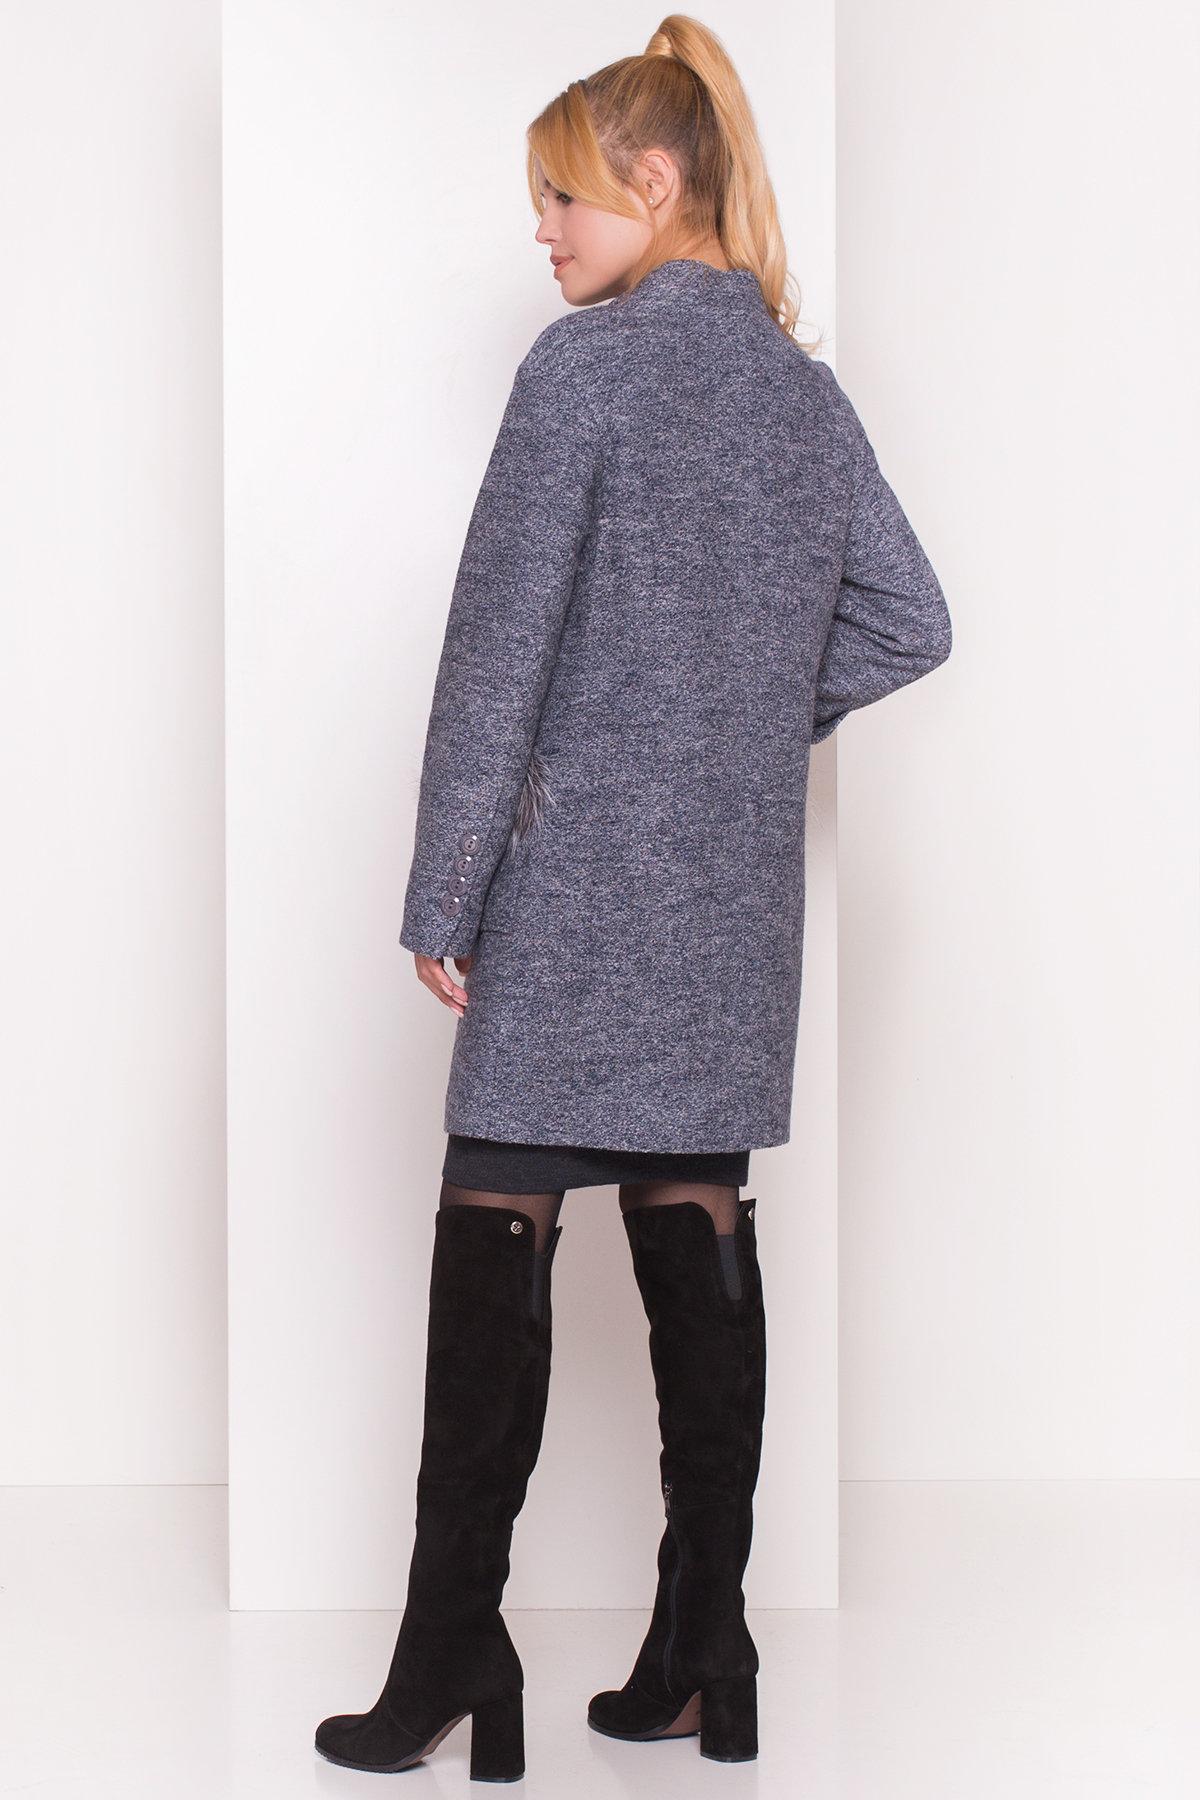 Пальто Этель 4369 Цвет: Серый темный LW-22